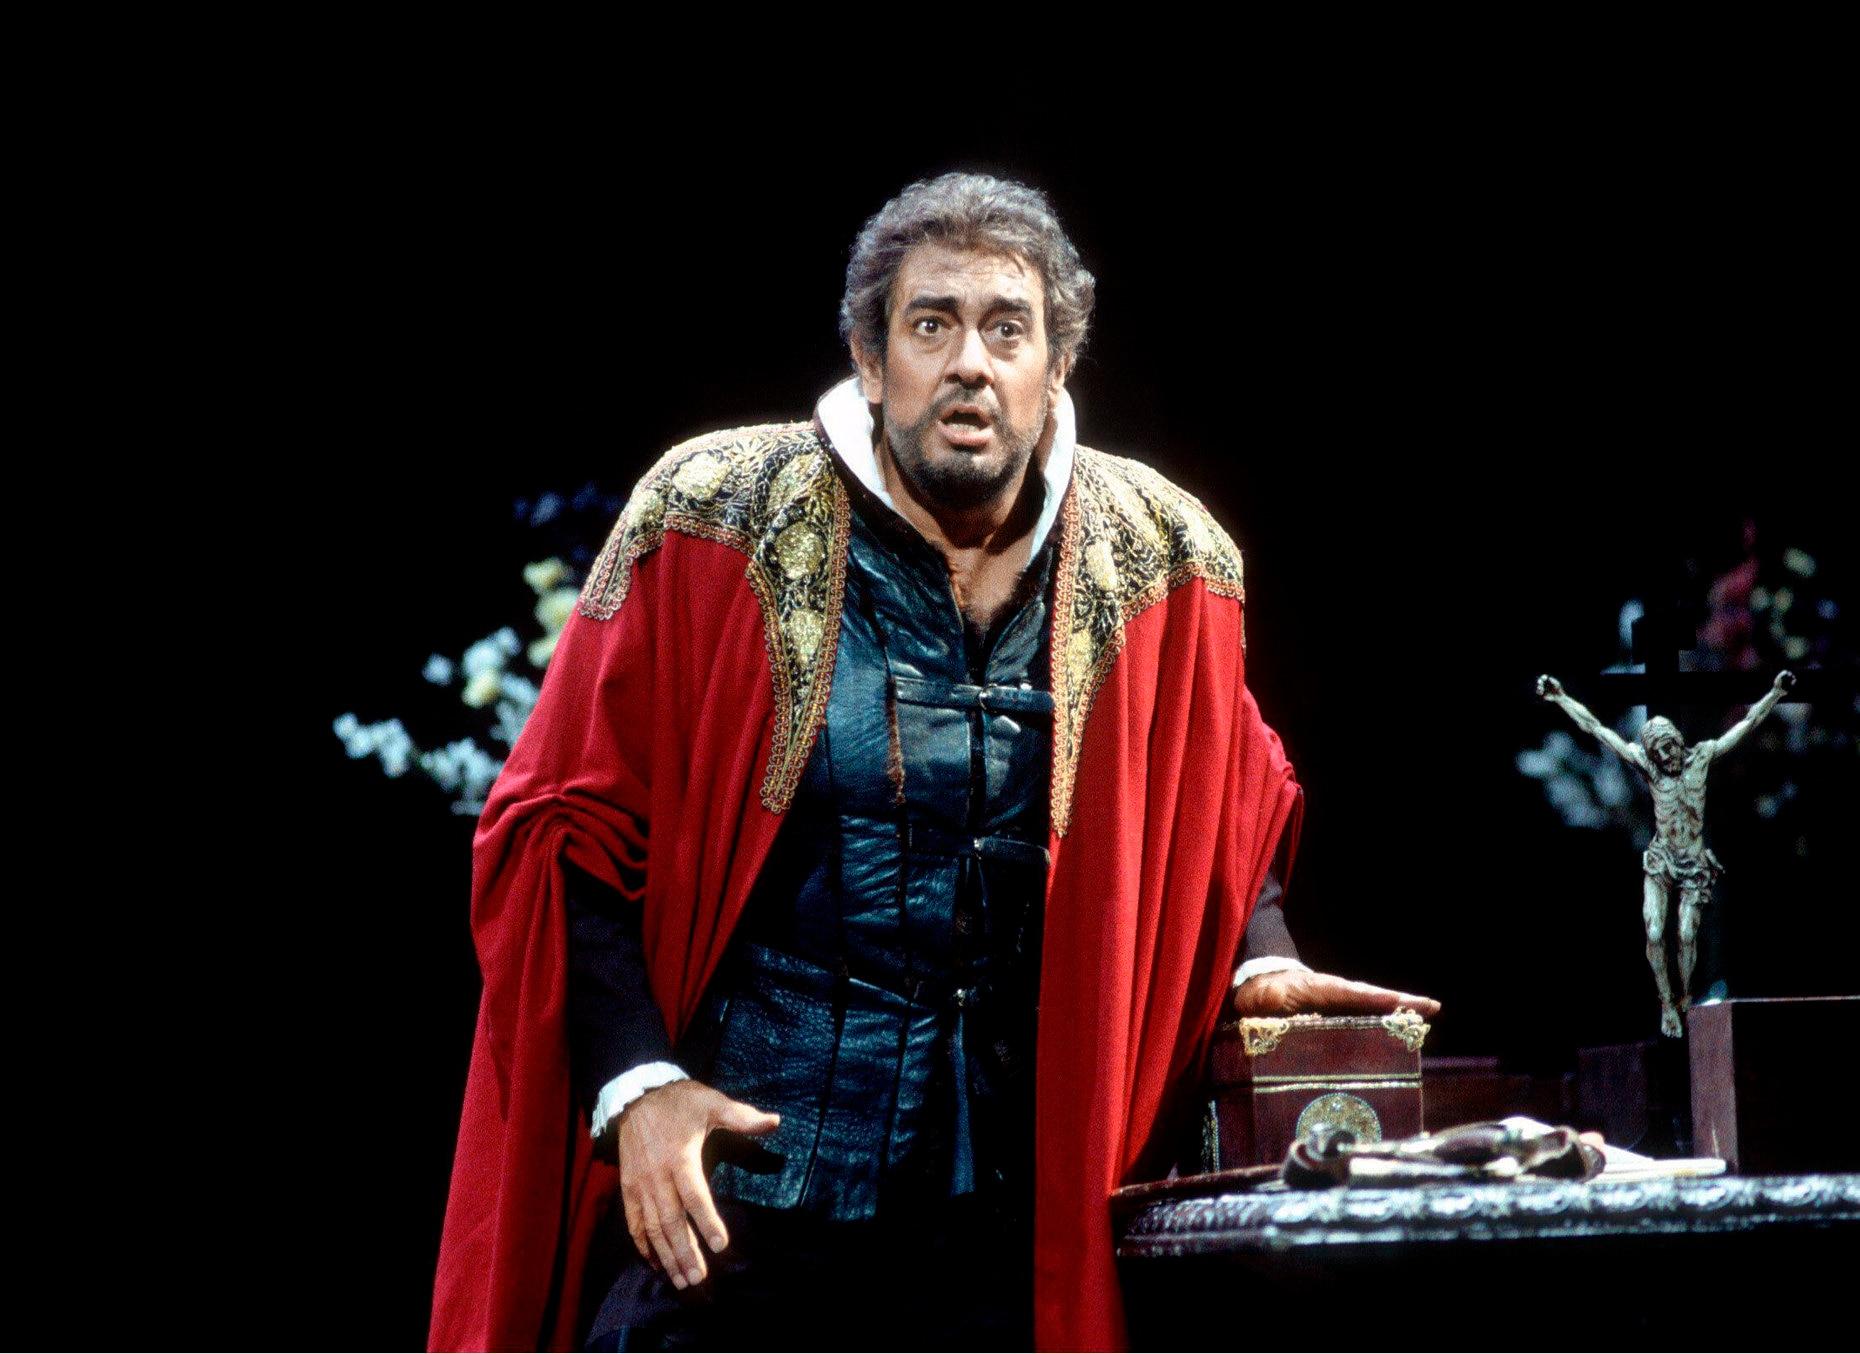 Plácido Domingo: Über Ritterschlag und Majestätsbeleidigung